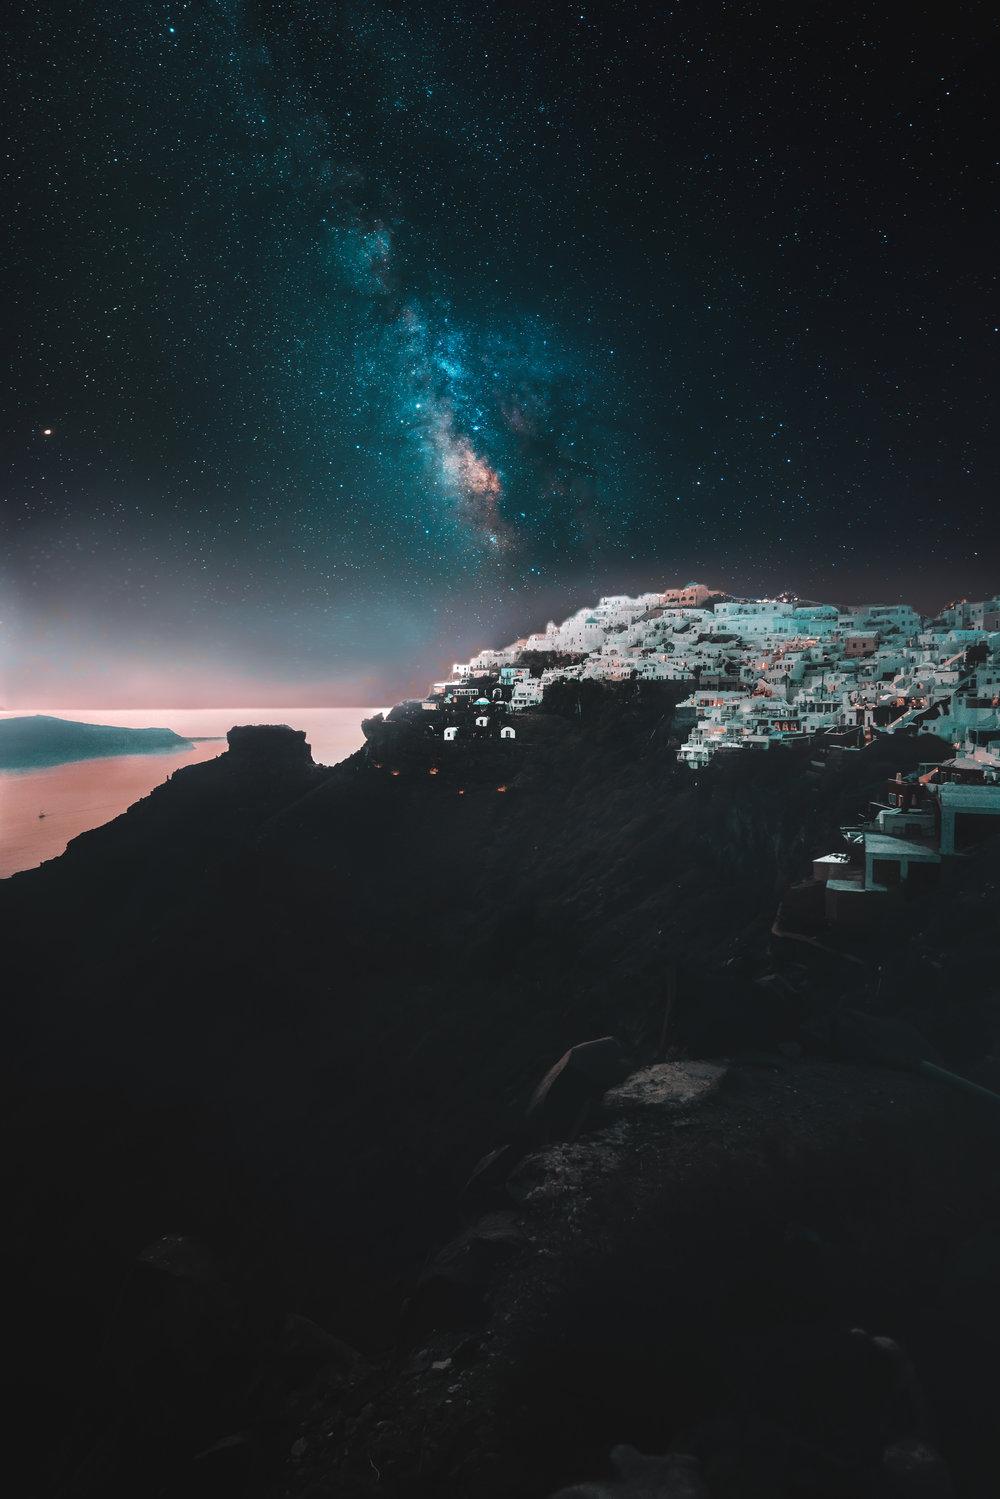 Santorini Milky Way.jpg